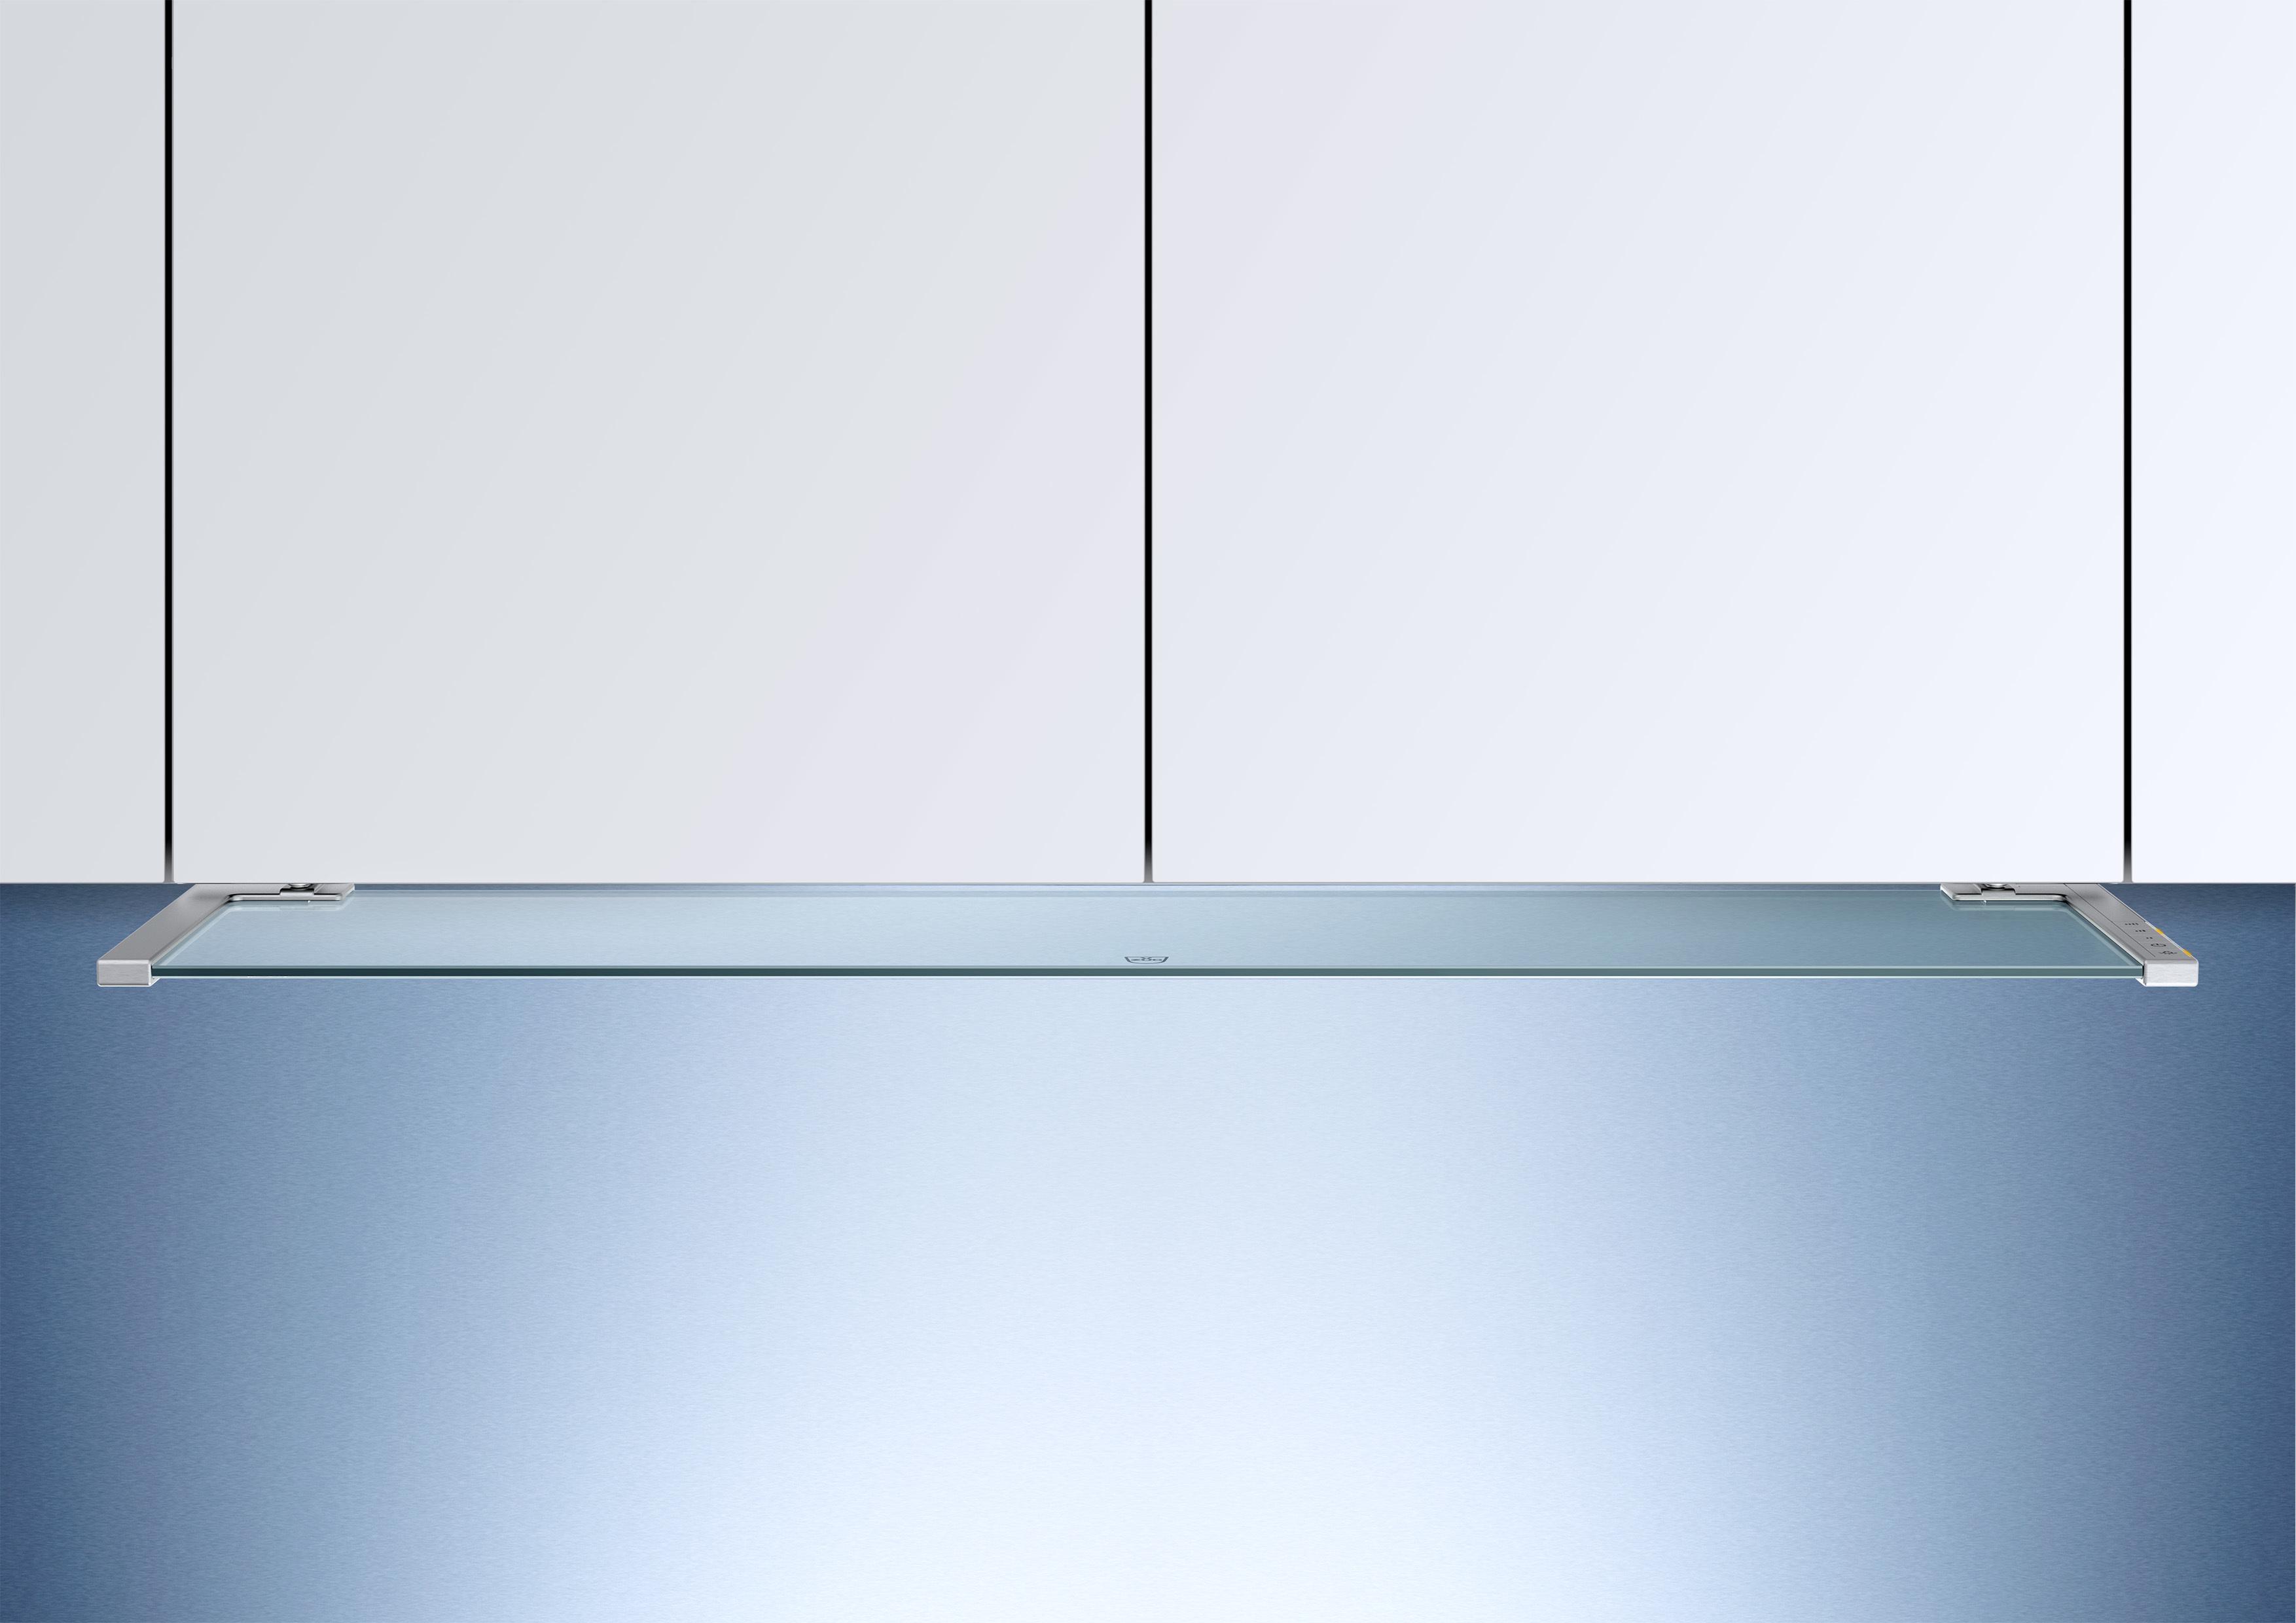 Siemens dunstabzugshaube von abluft auf umluft umbauen siemens